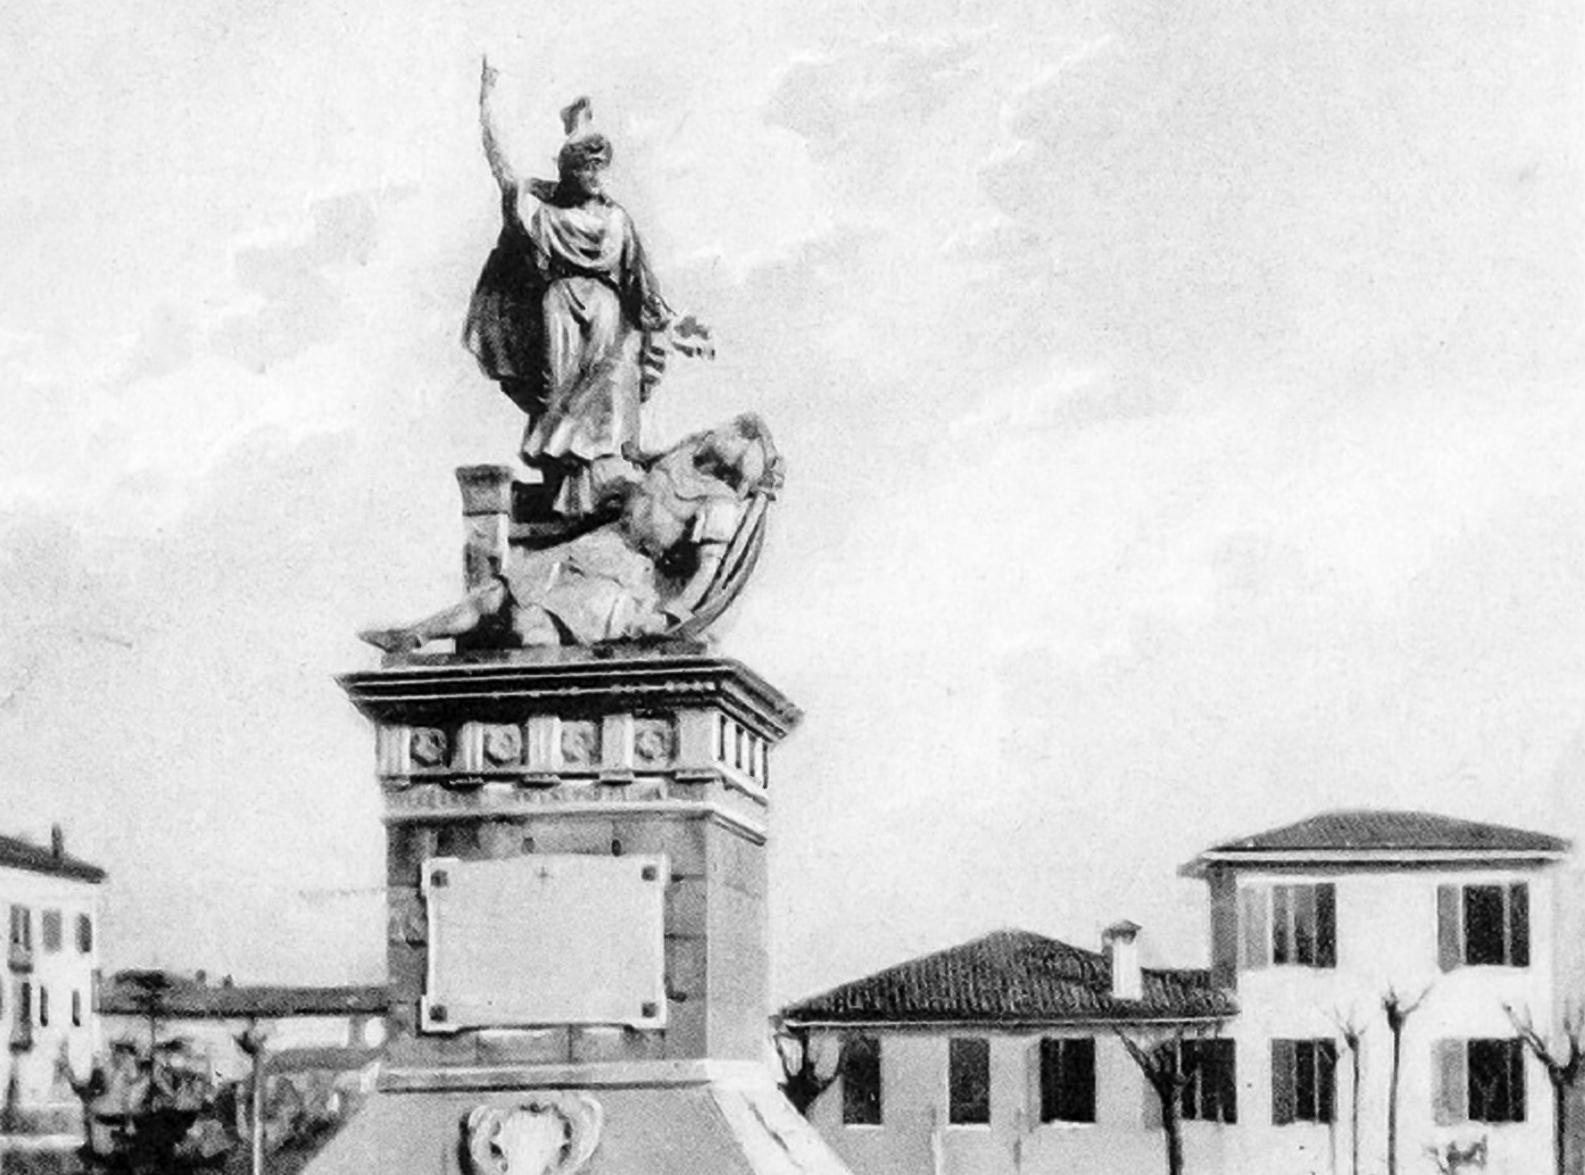 Monumento ai Caduti San Carlo